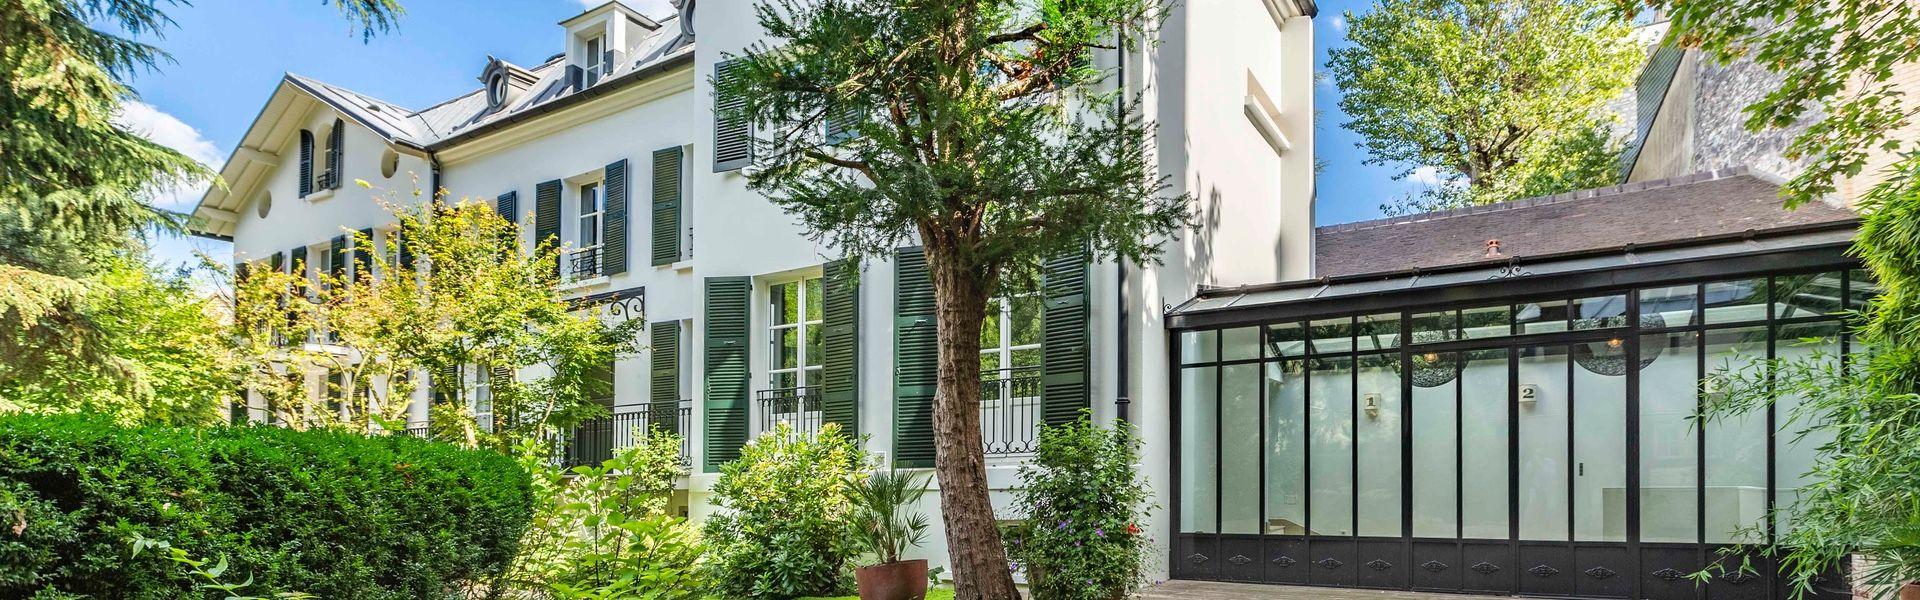 agence immobilire spcialise vente et location meuble longue dure paris